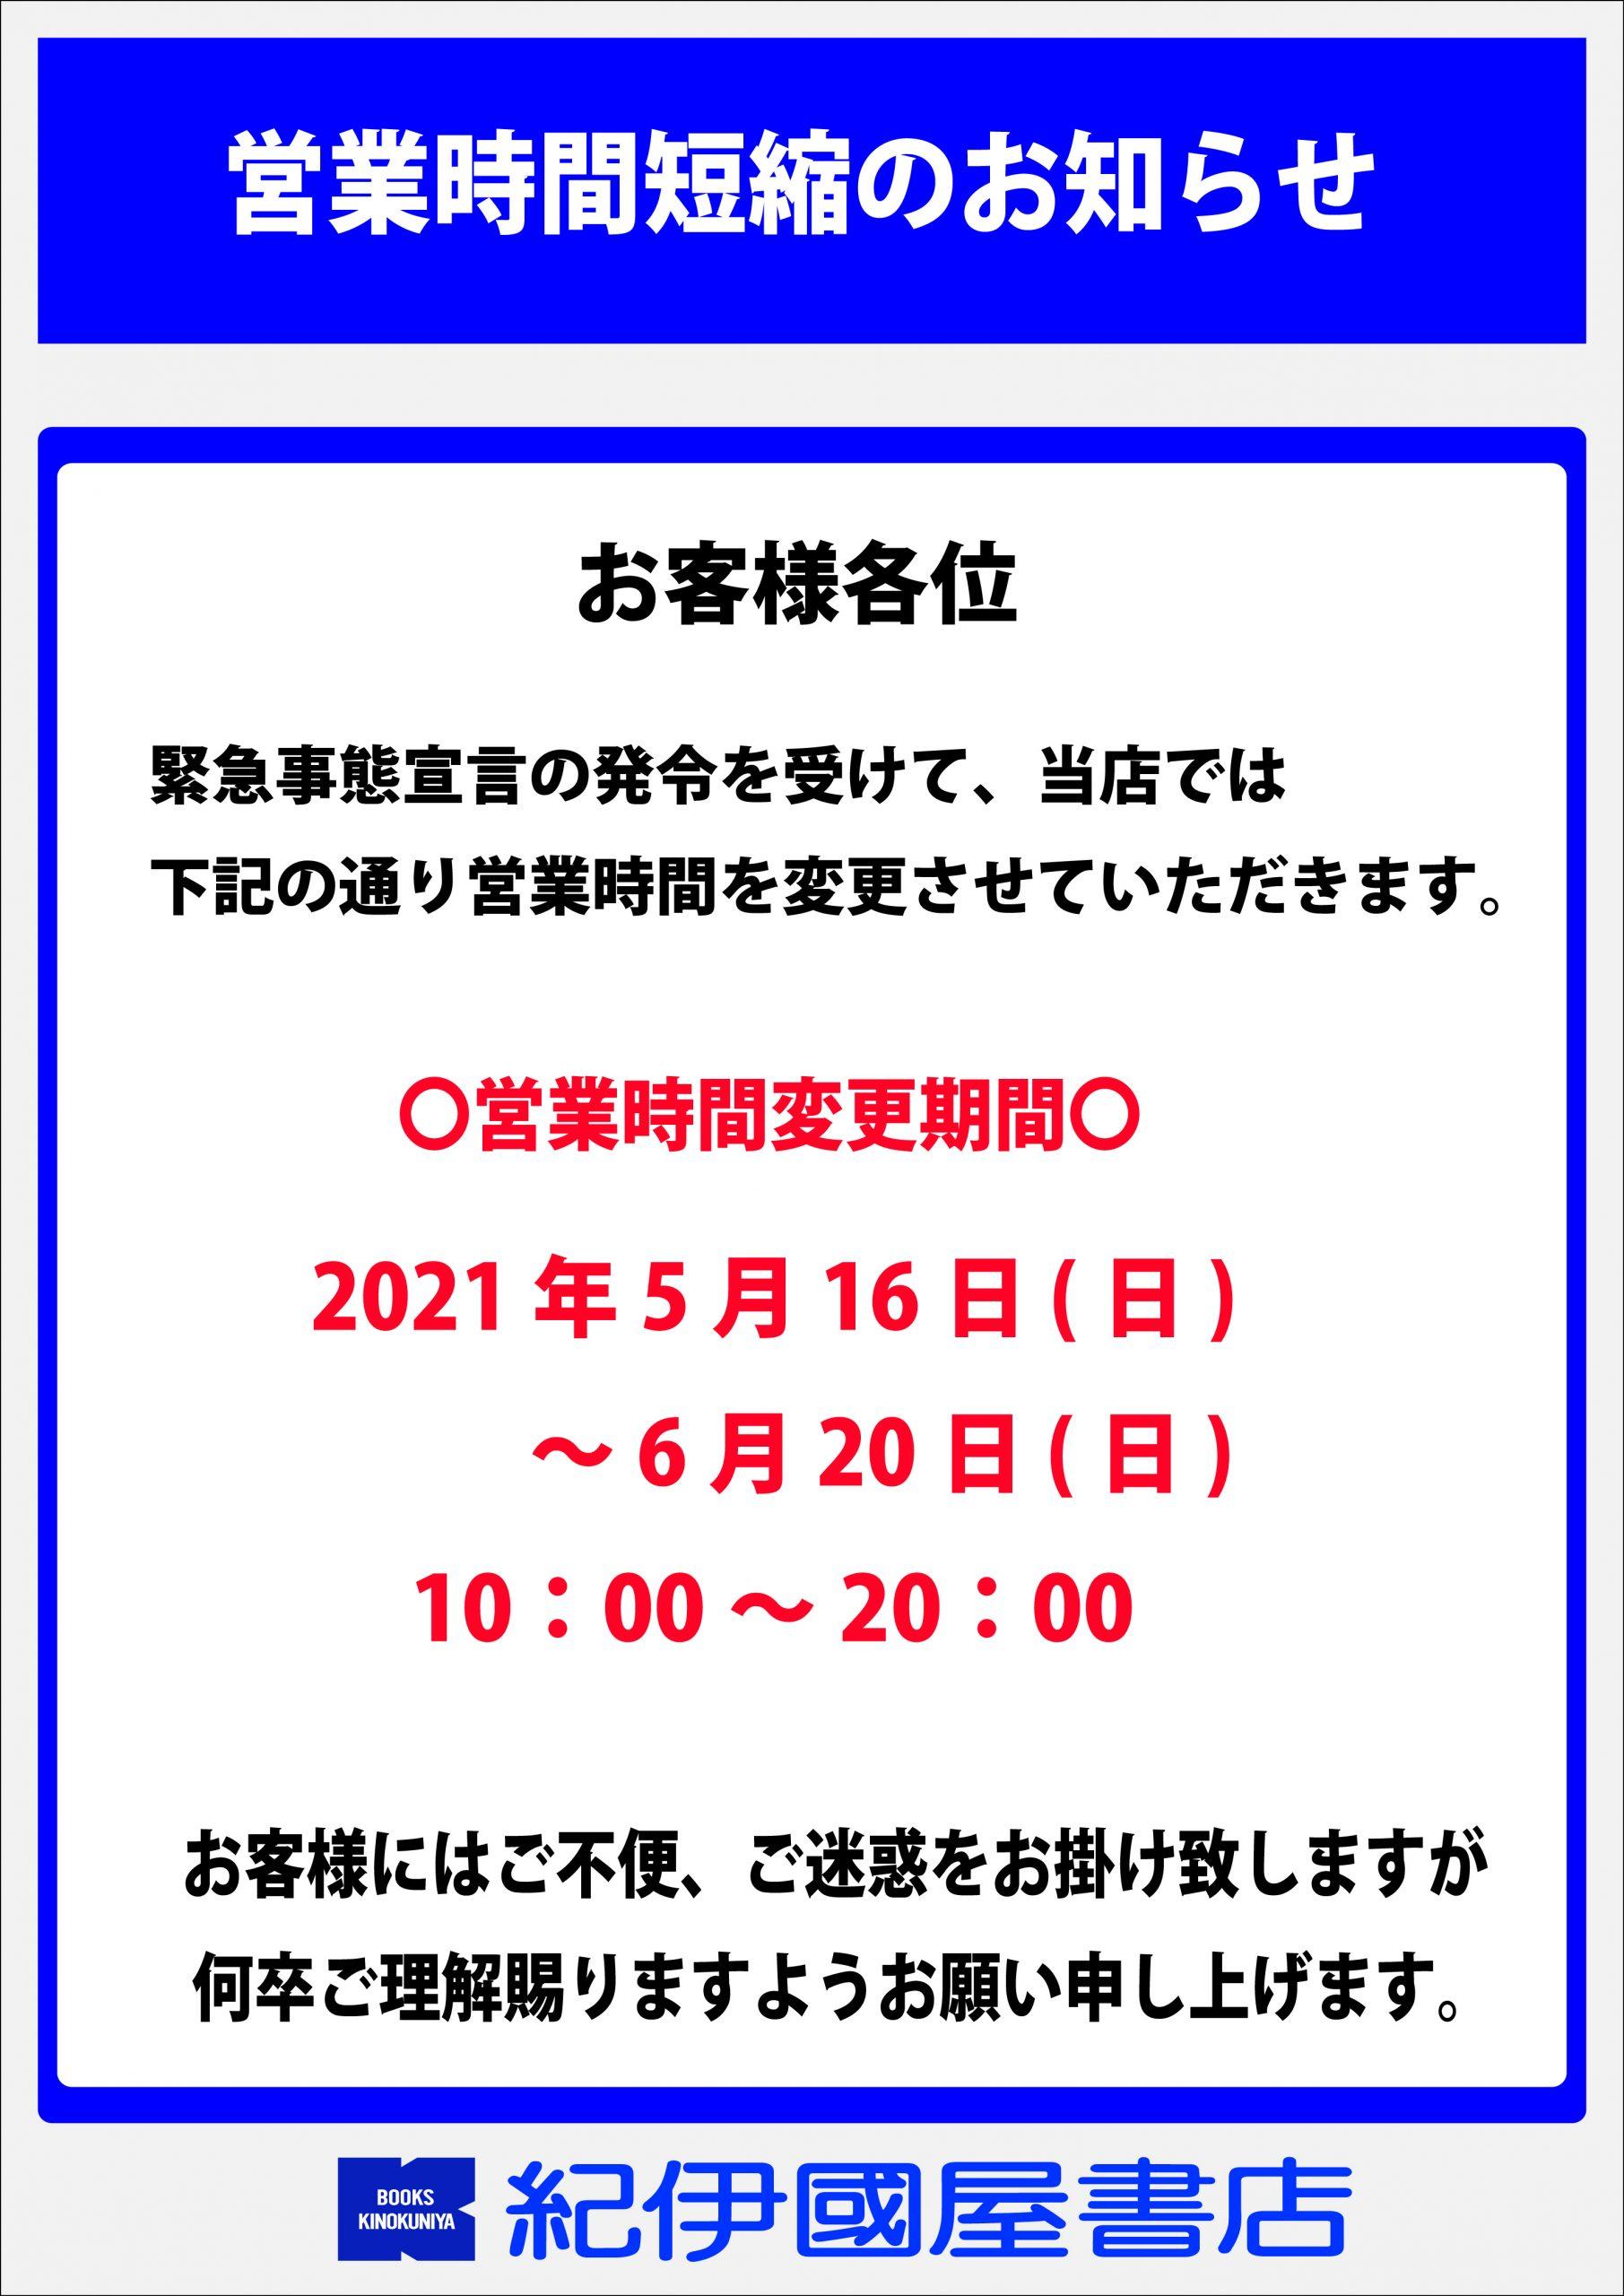 紀伊國屋書店:【営業時間変更のお知らせ】